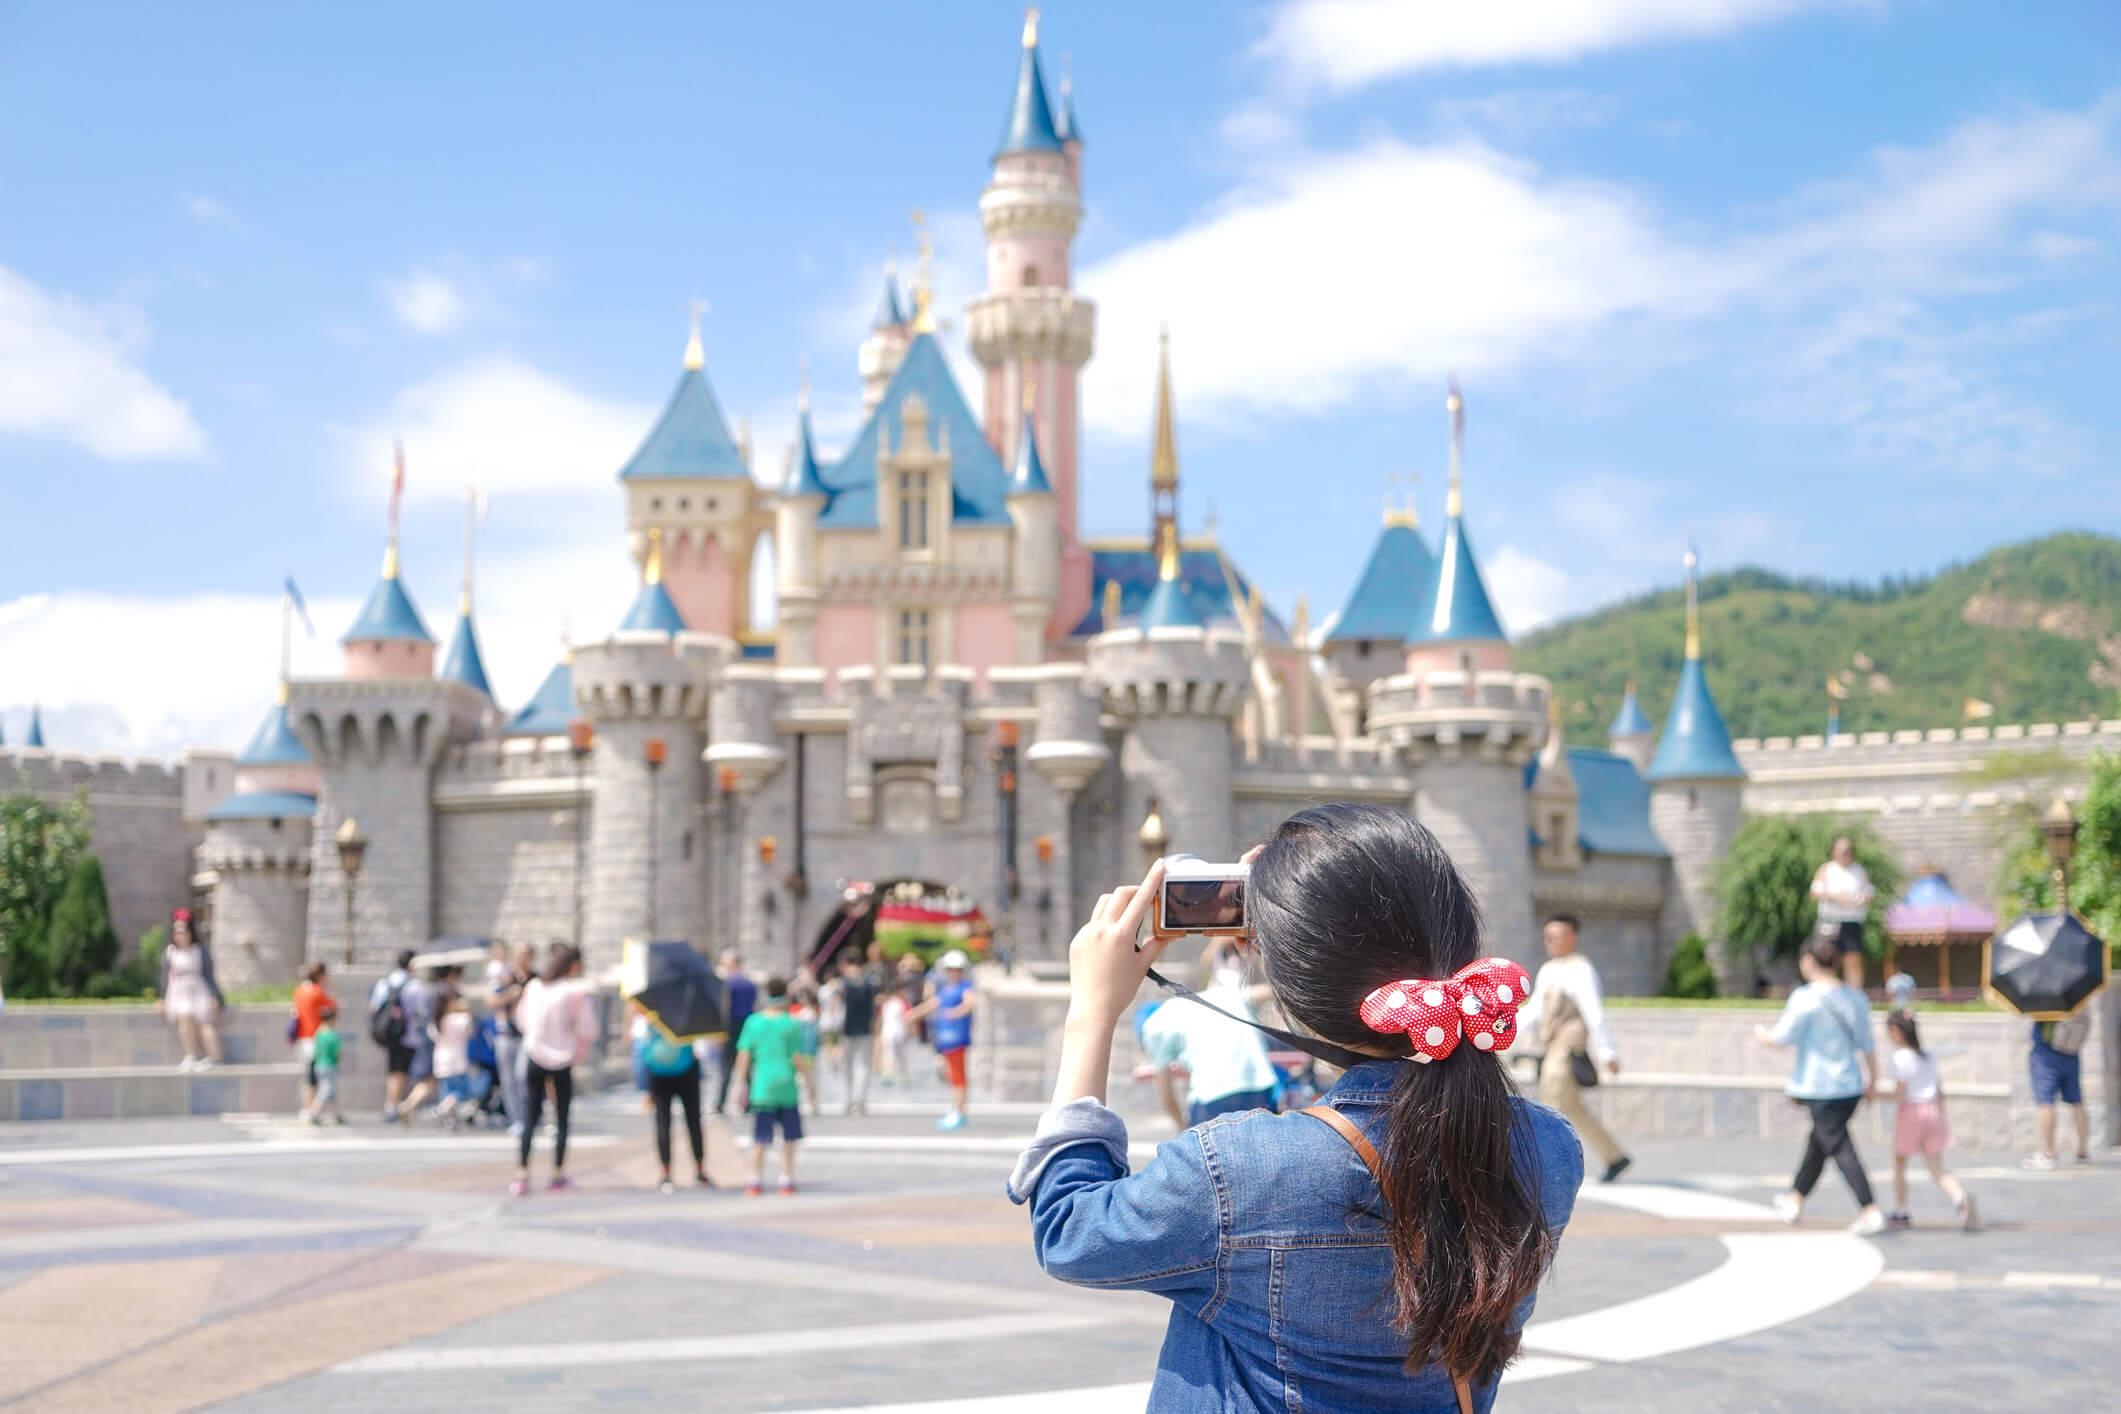 chica fotografia castillo disney